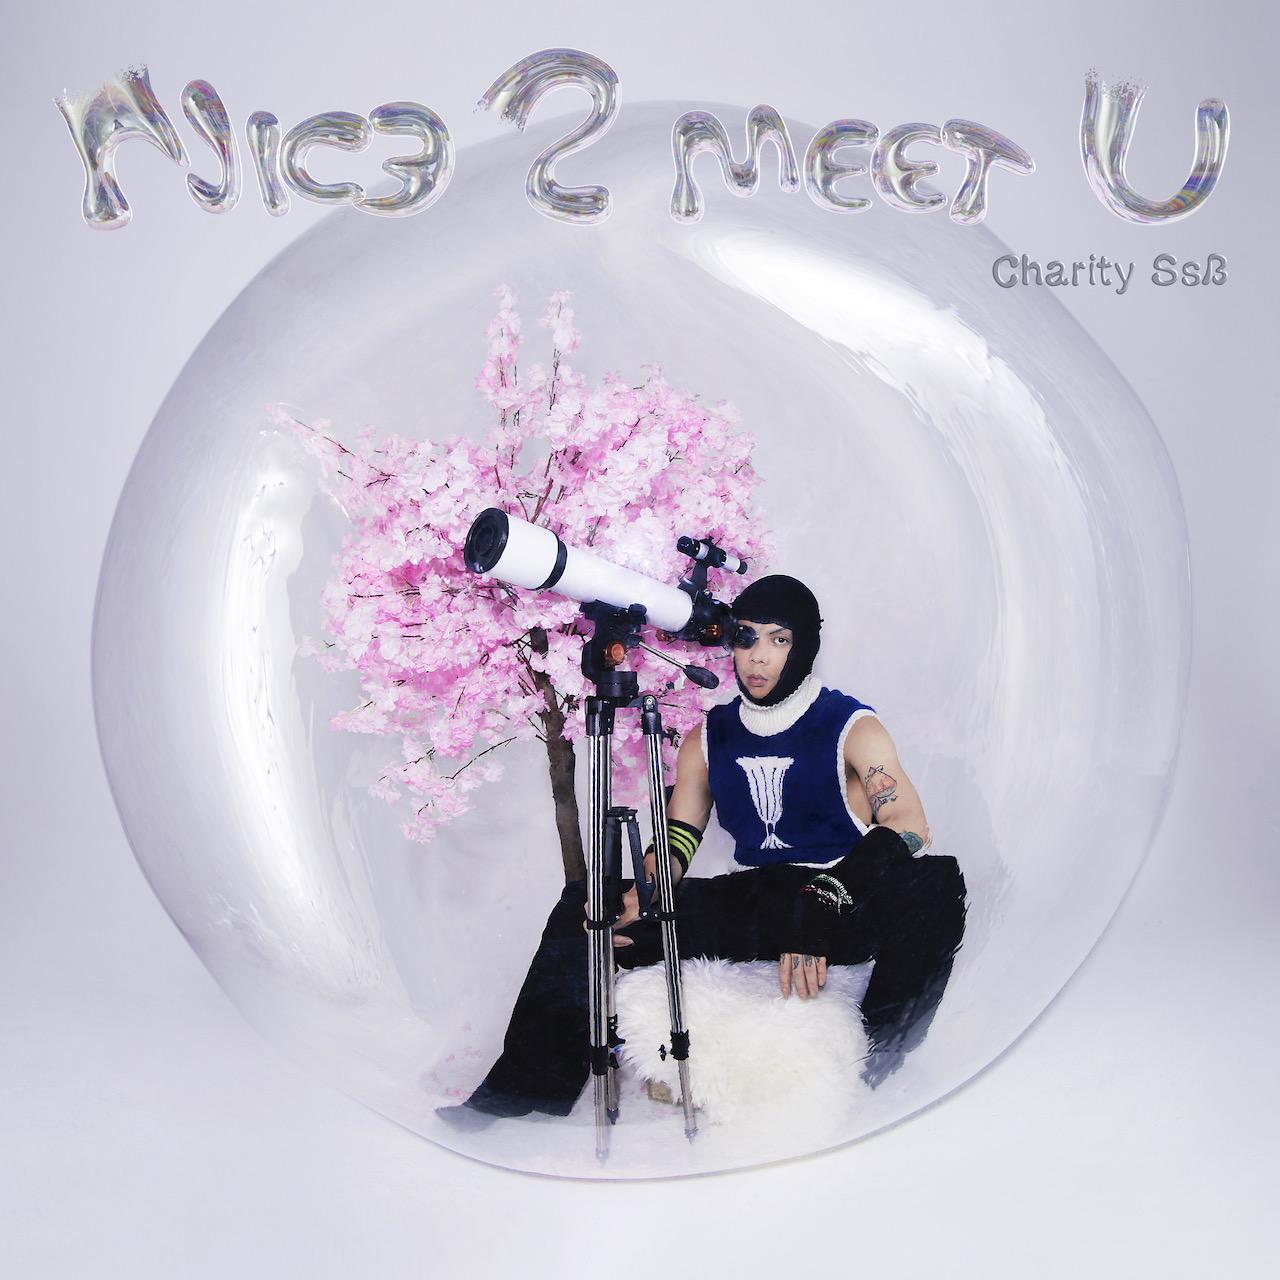 上海本土音乐人 Charity Ssb 发表全新 Mixtape《NIC3 2 MEET U》